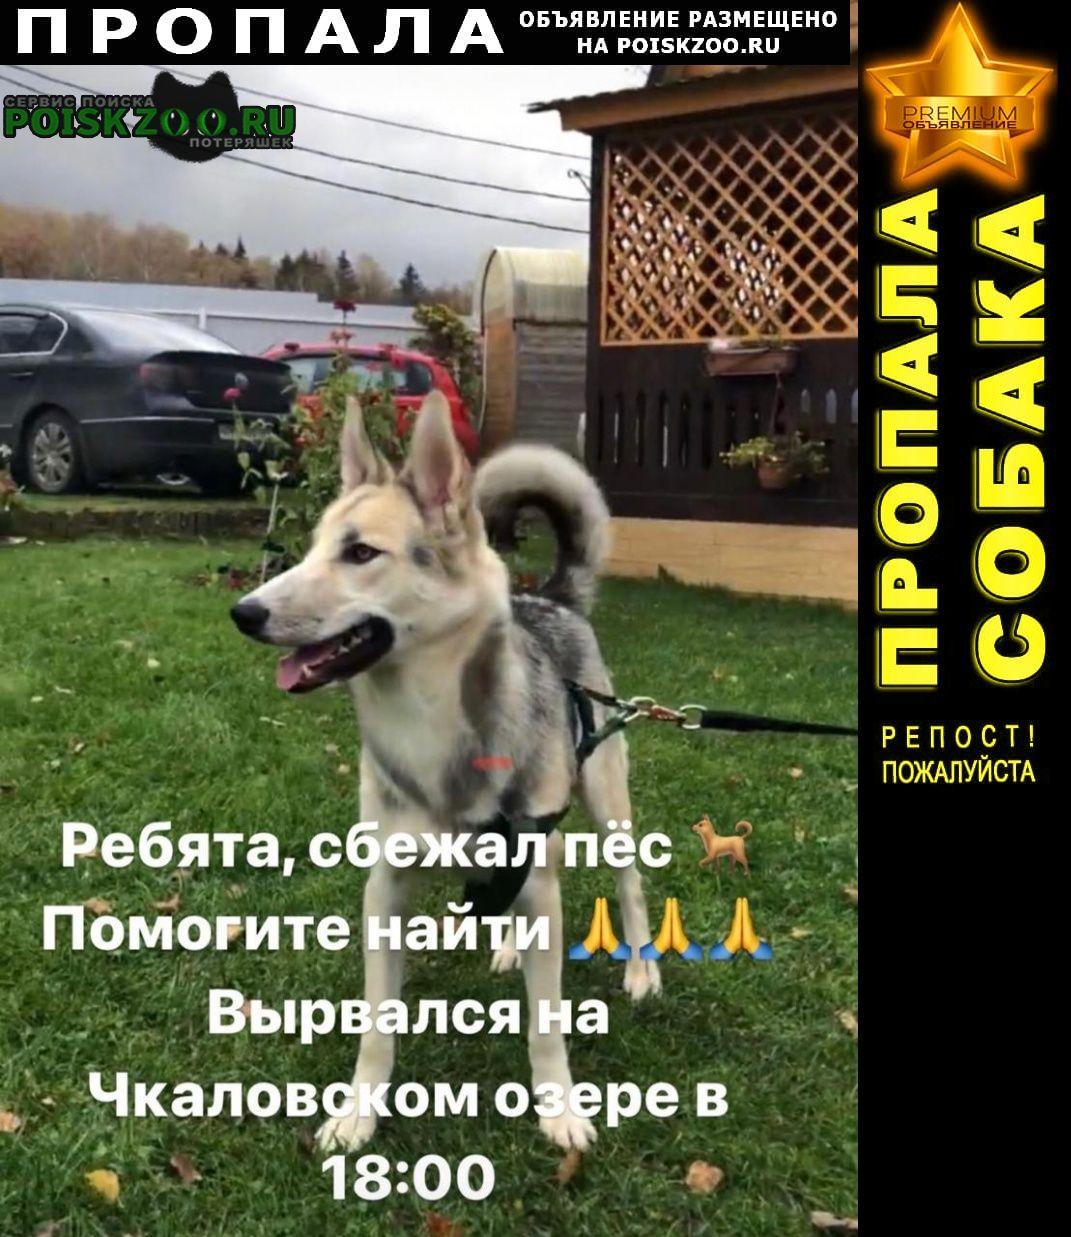 Пропала собака хаски (метис) Щелково